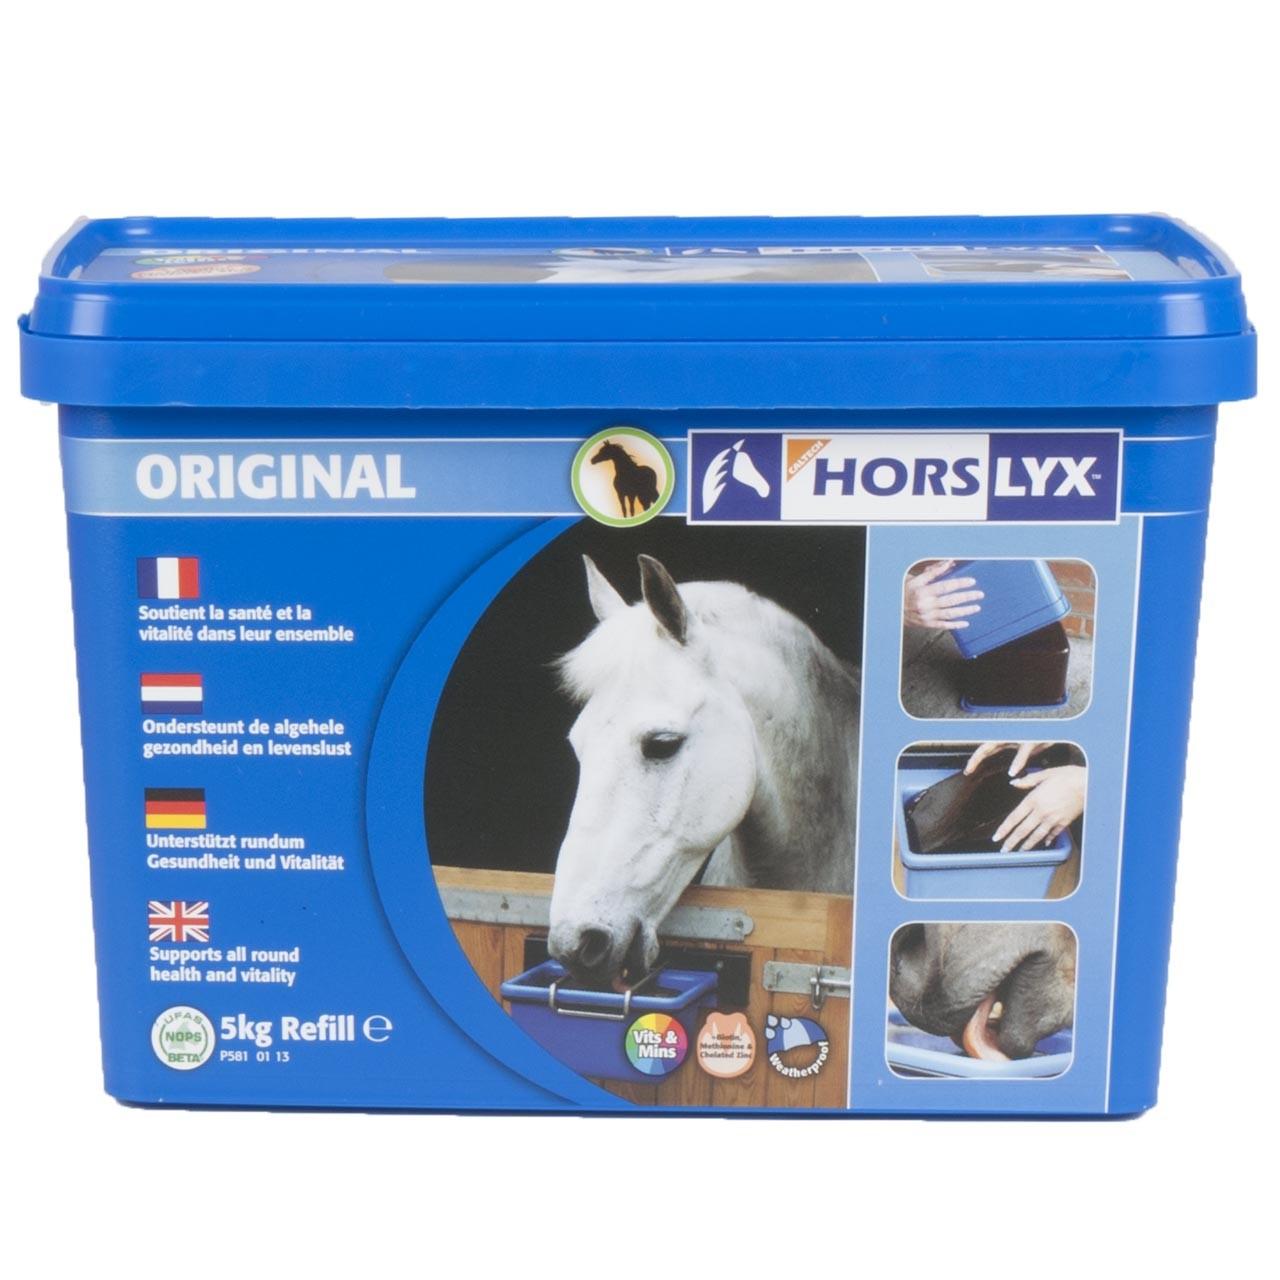 Horselyx Original